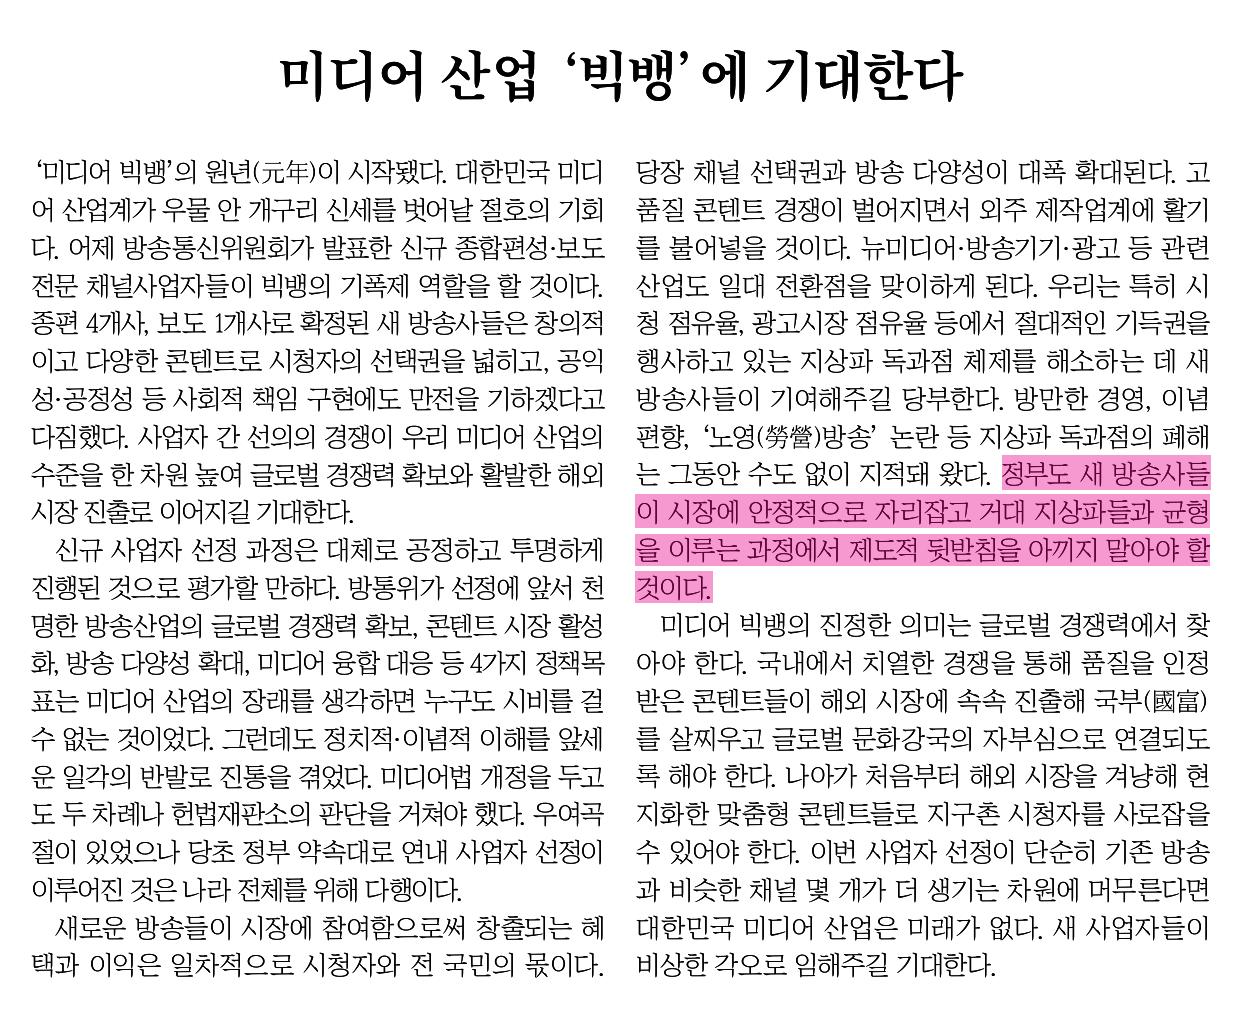 (수정)중앙일보_미디어 산업 '빅뱅'에 기대한다_2011-01-01.png